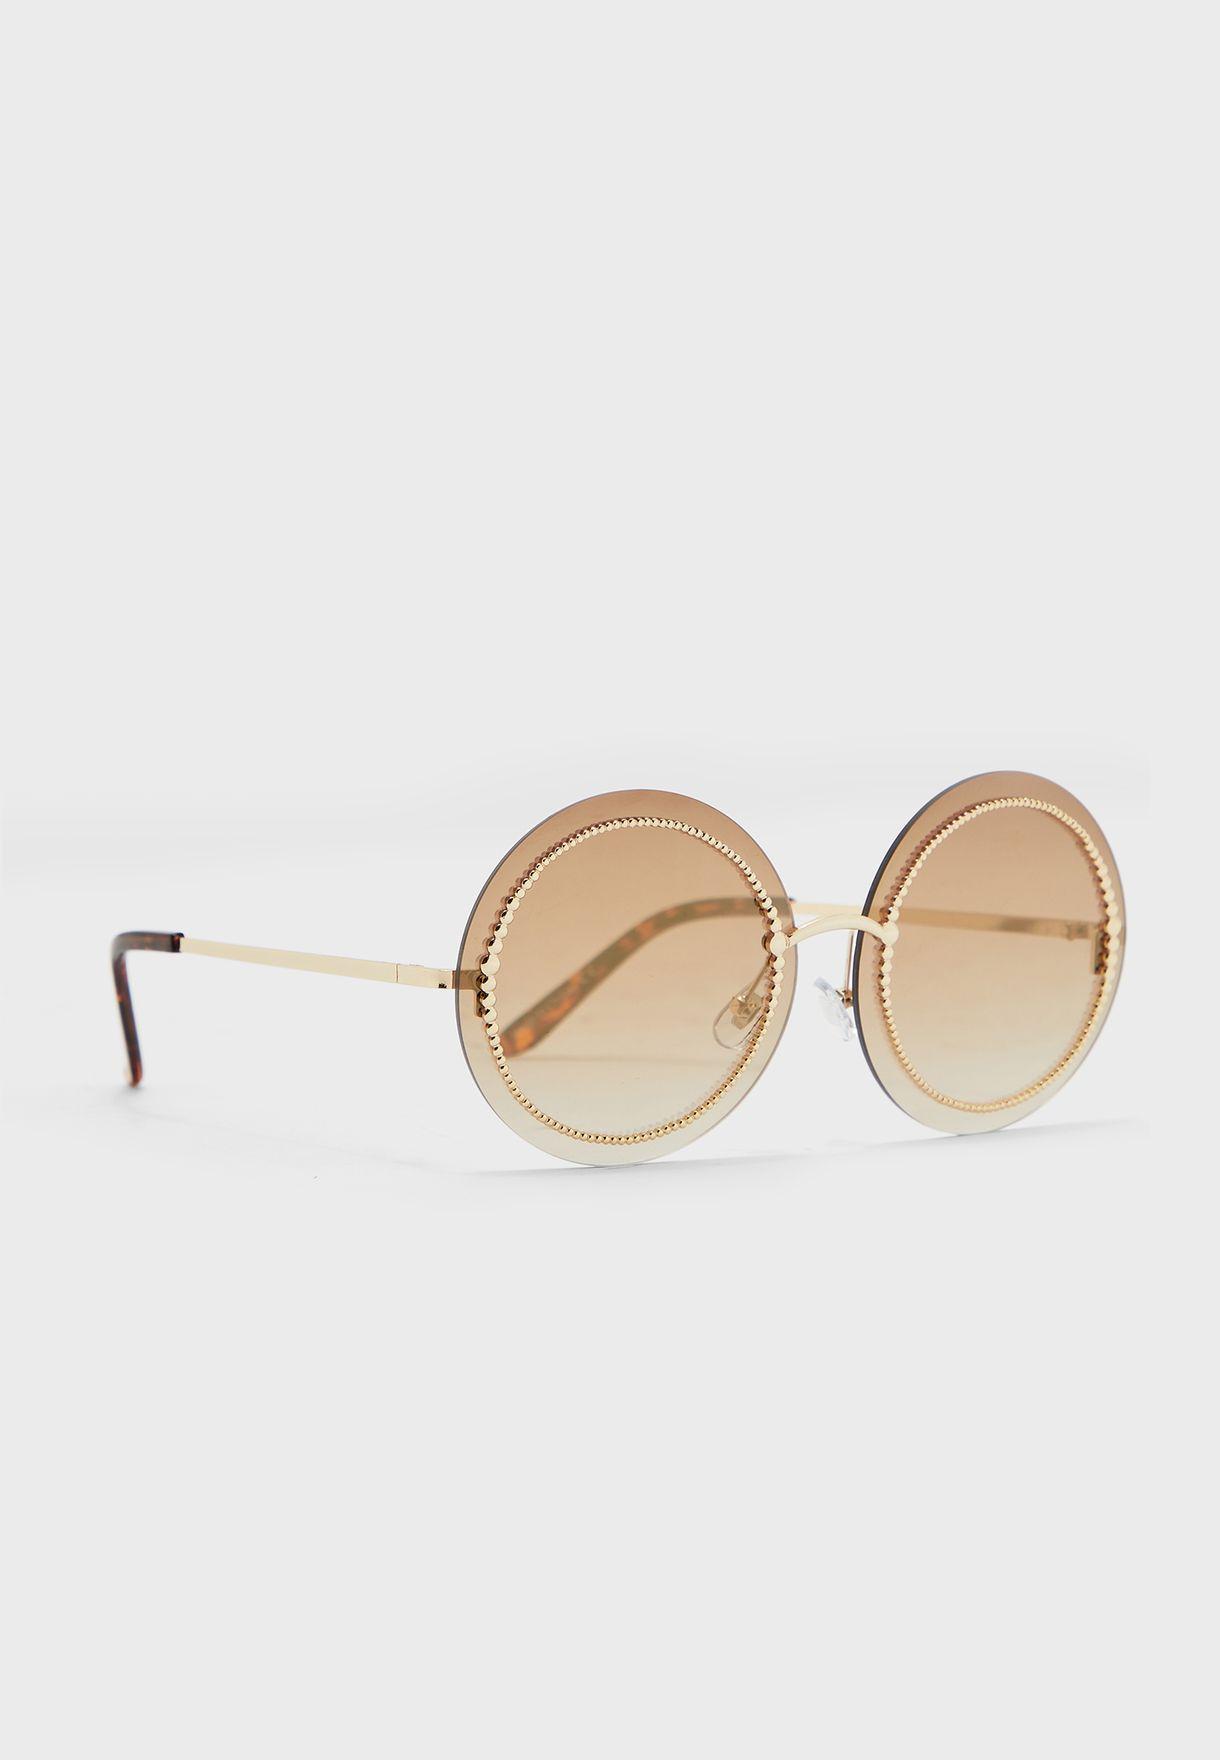 نظارة شمسية دائرية بأذرع رفيعة